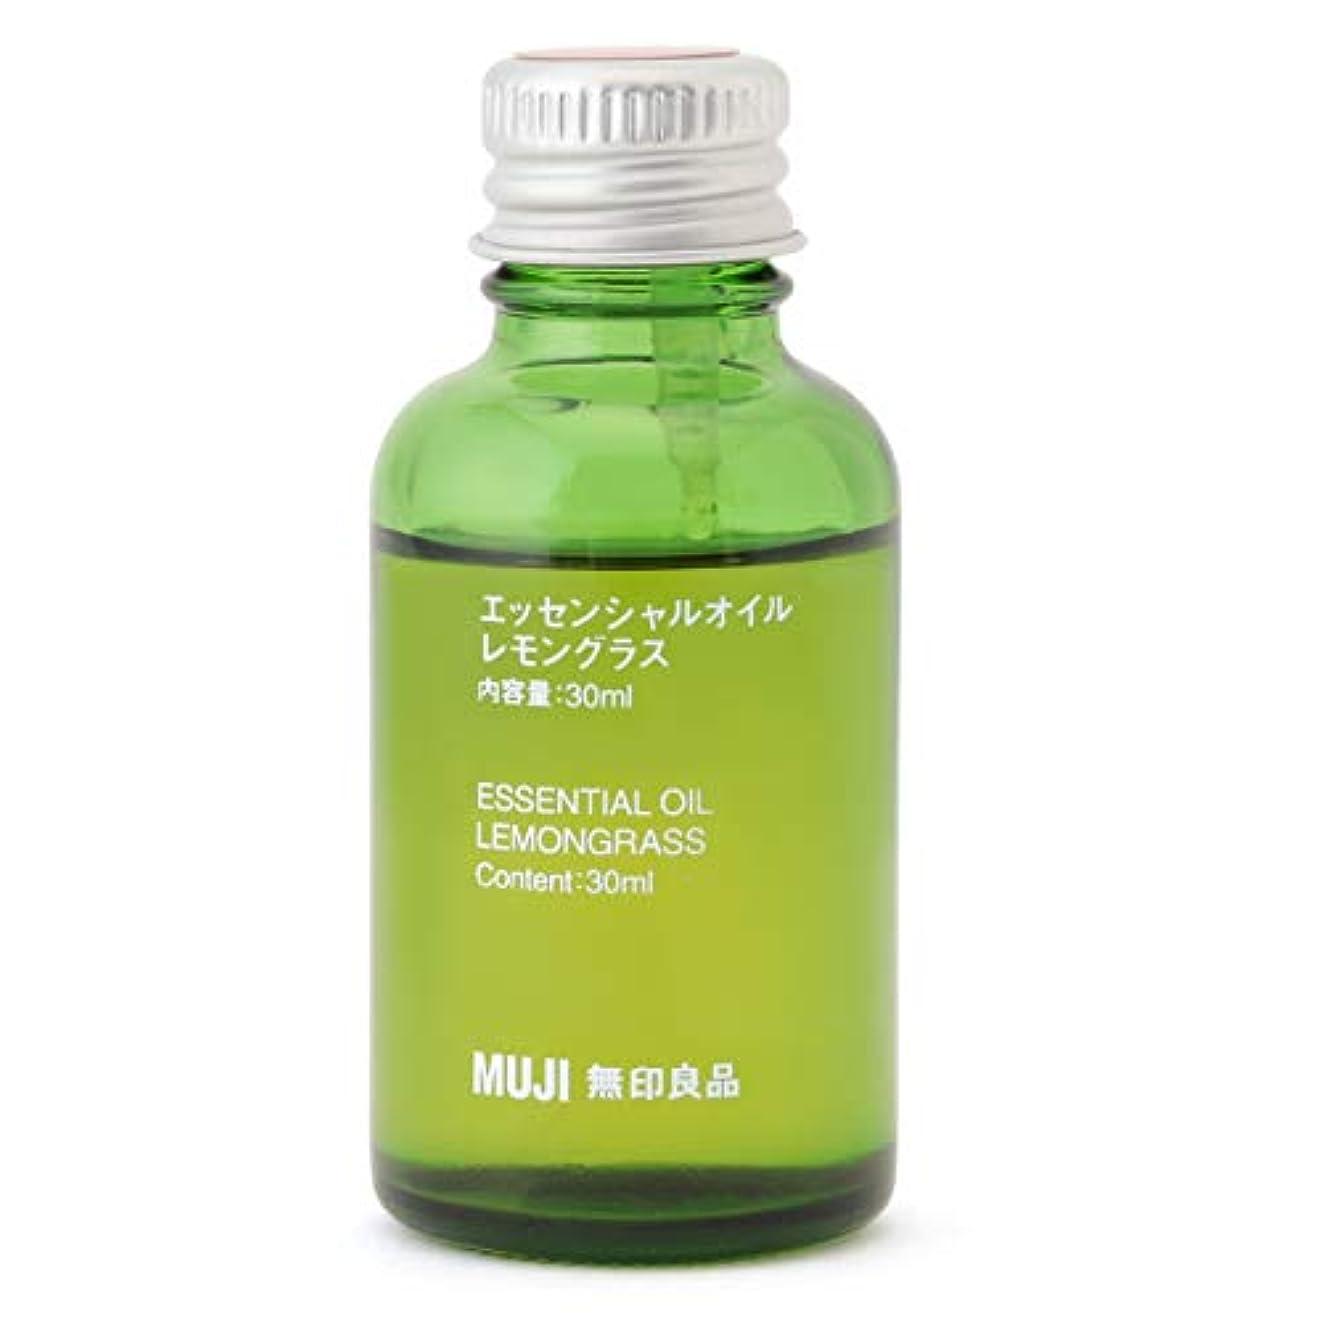 雨のダイアクリティカルジョブ【無印良品】エッセンシャルオイル30ml(レモングラス)